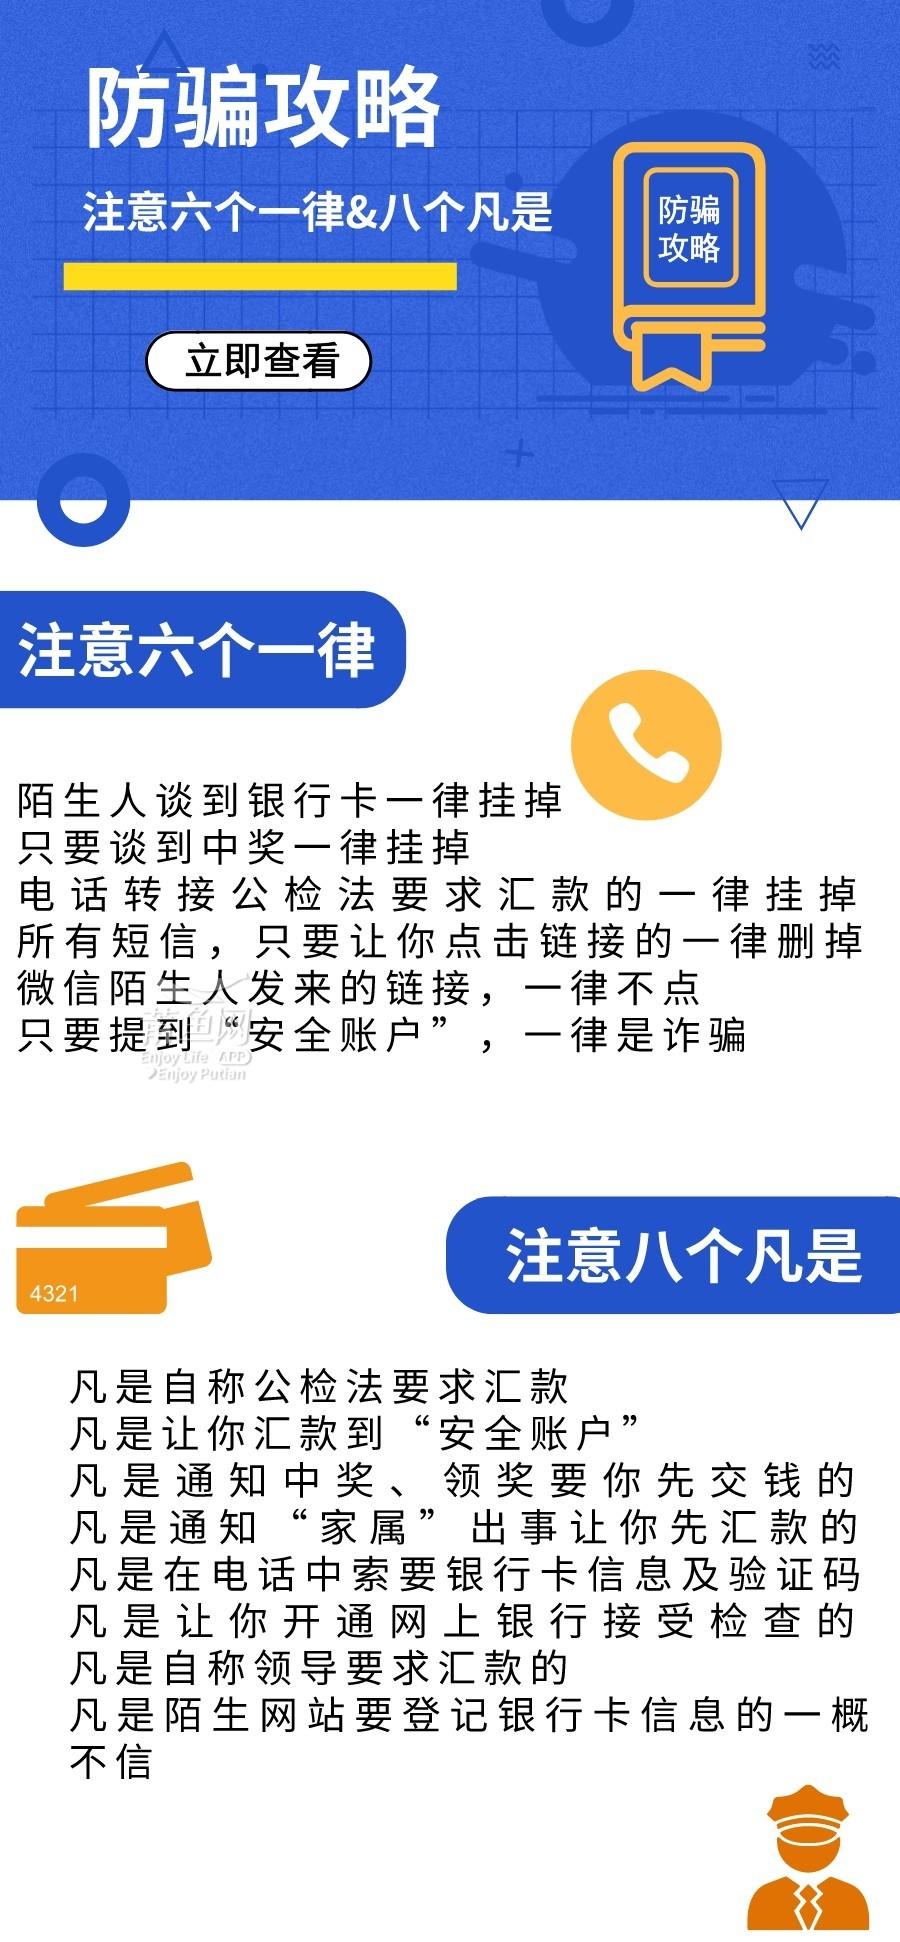 微信图片_20201018143607.jpg